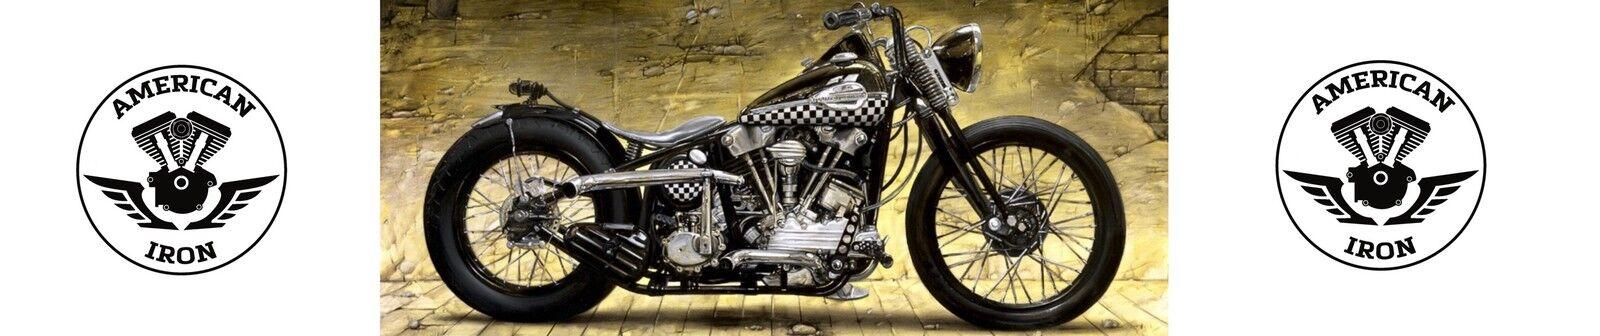 americanironmotorcycles